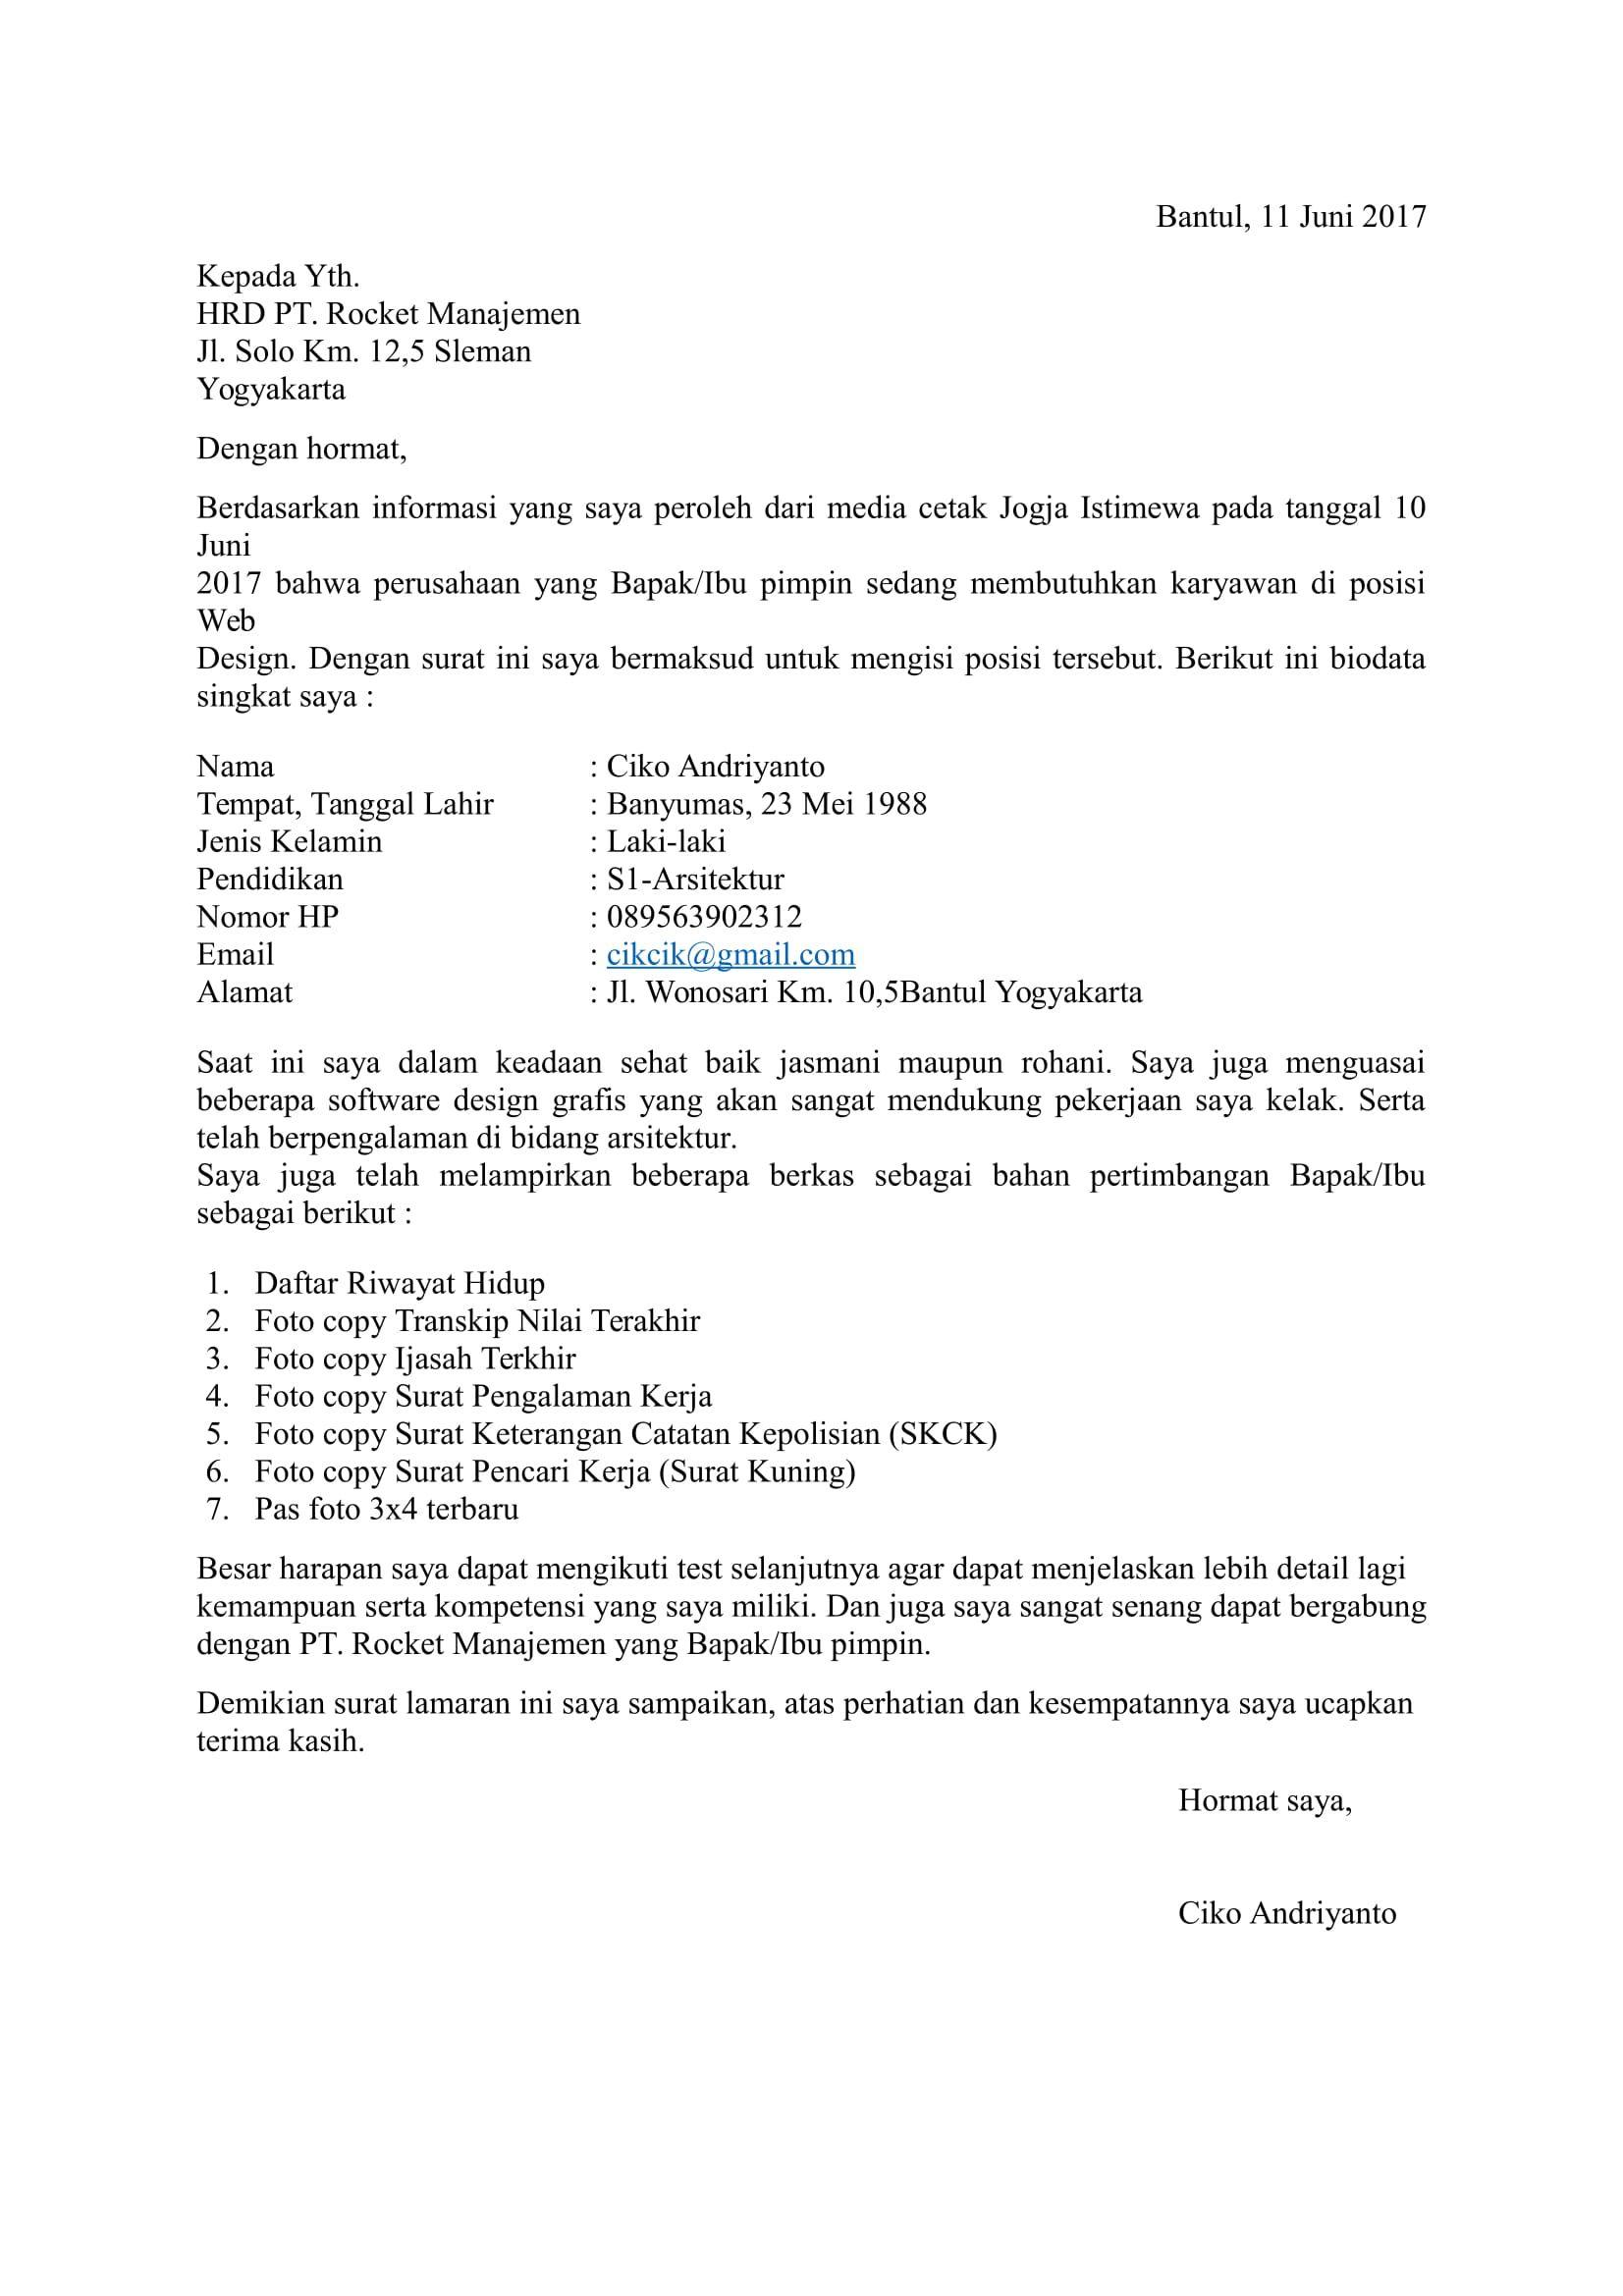 27 Contoh Surat Lamaran Kerja Yang Baik Dan Benar Umum Doc Lengkap Cute766